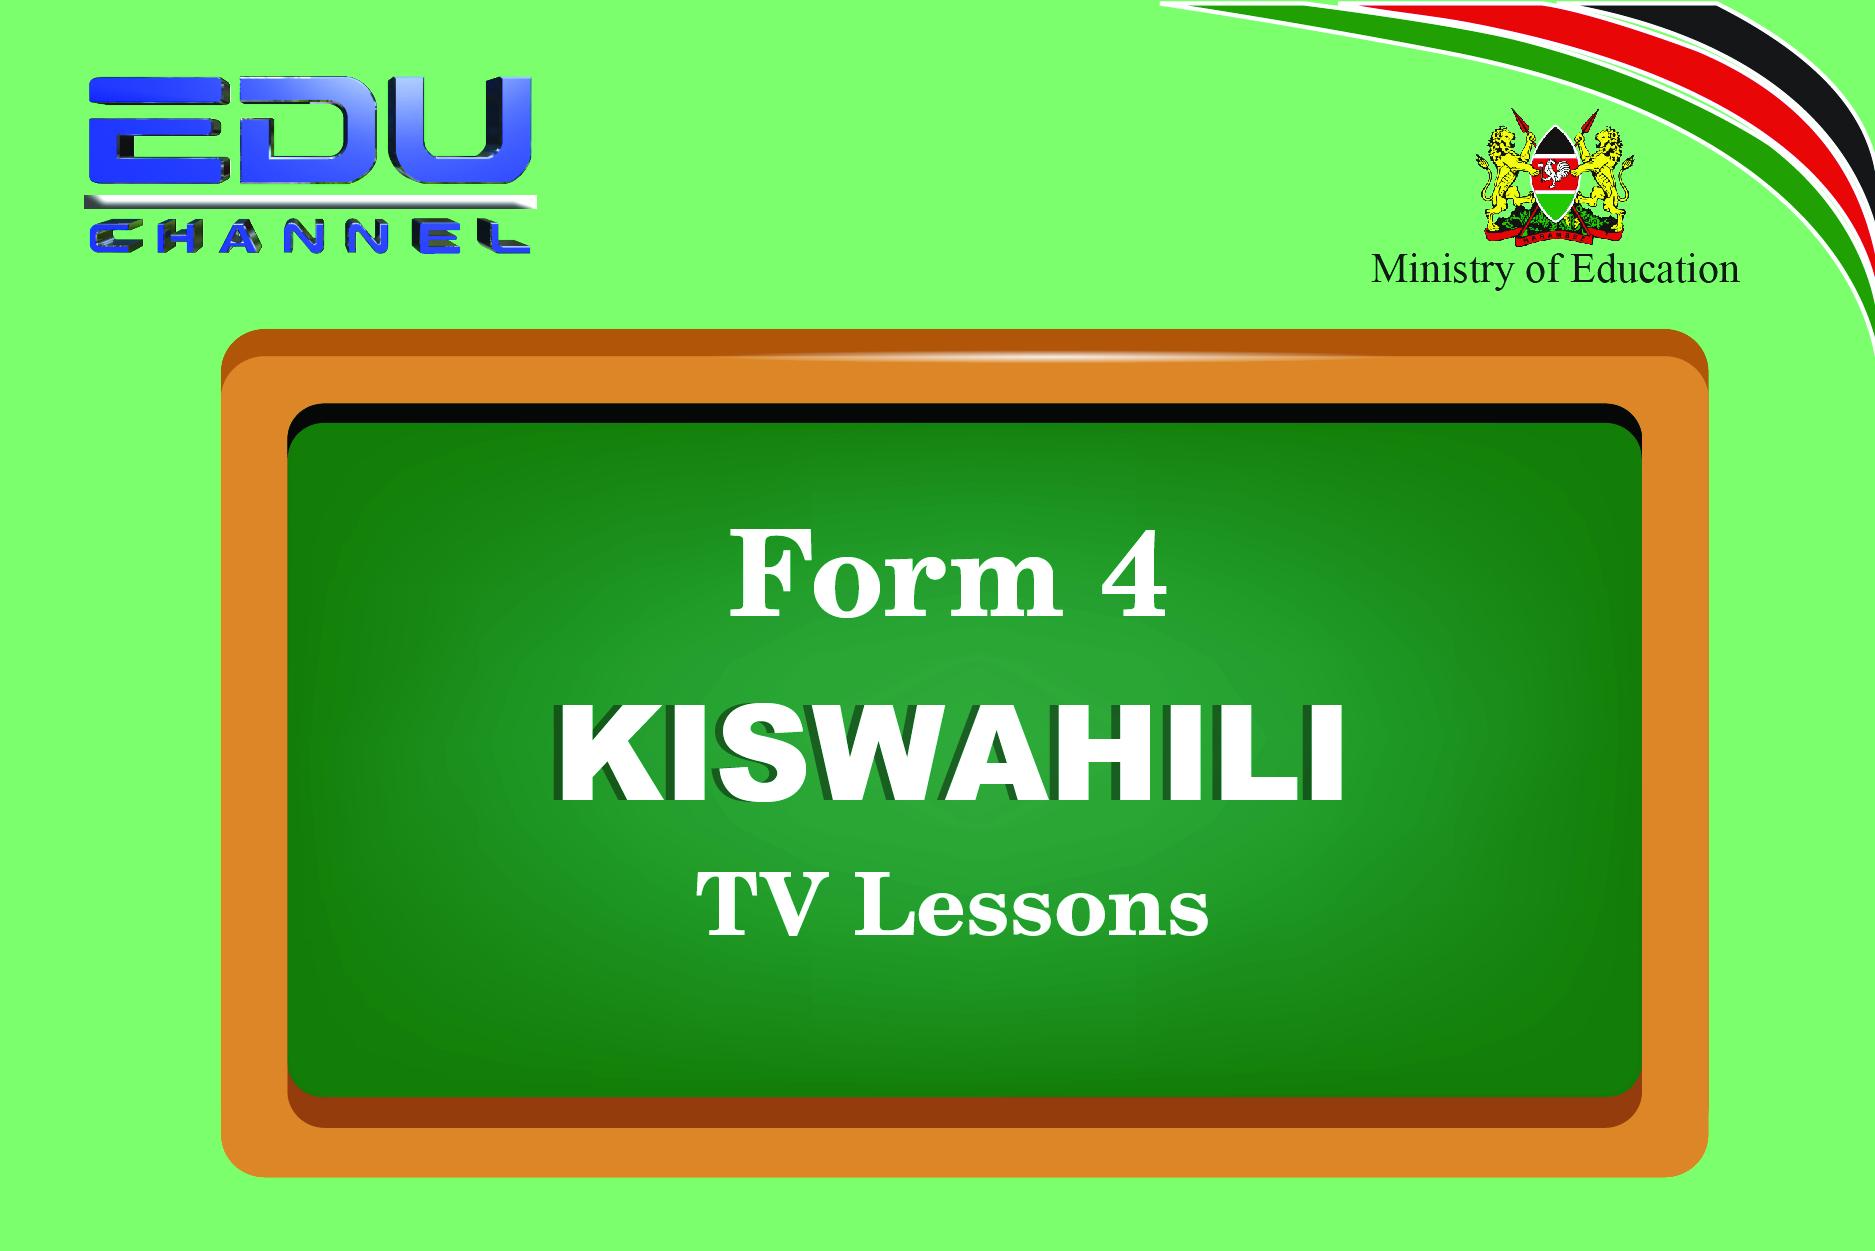 Form 4 Kiswahili Lesson 3: Uchangunuzi wa sentensi